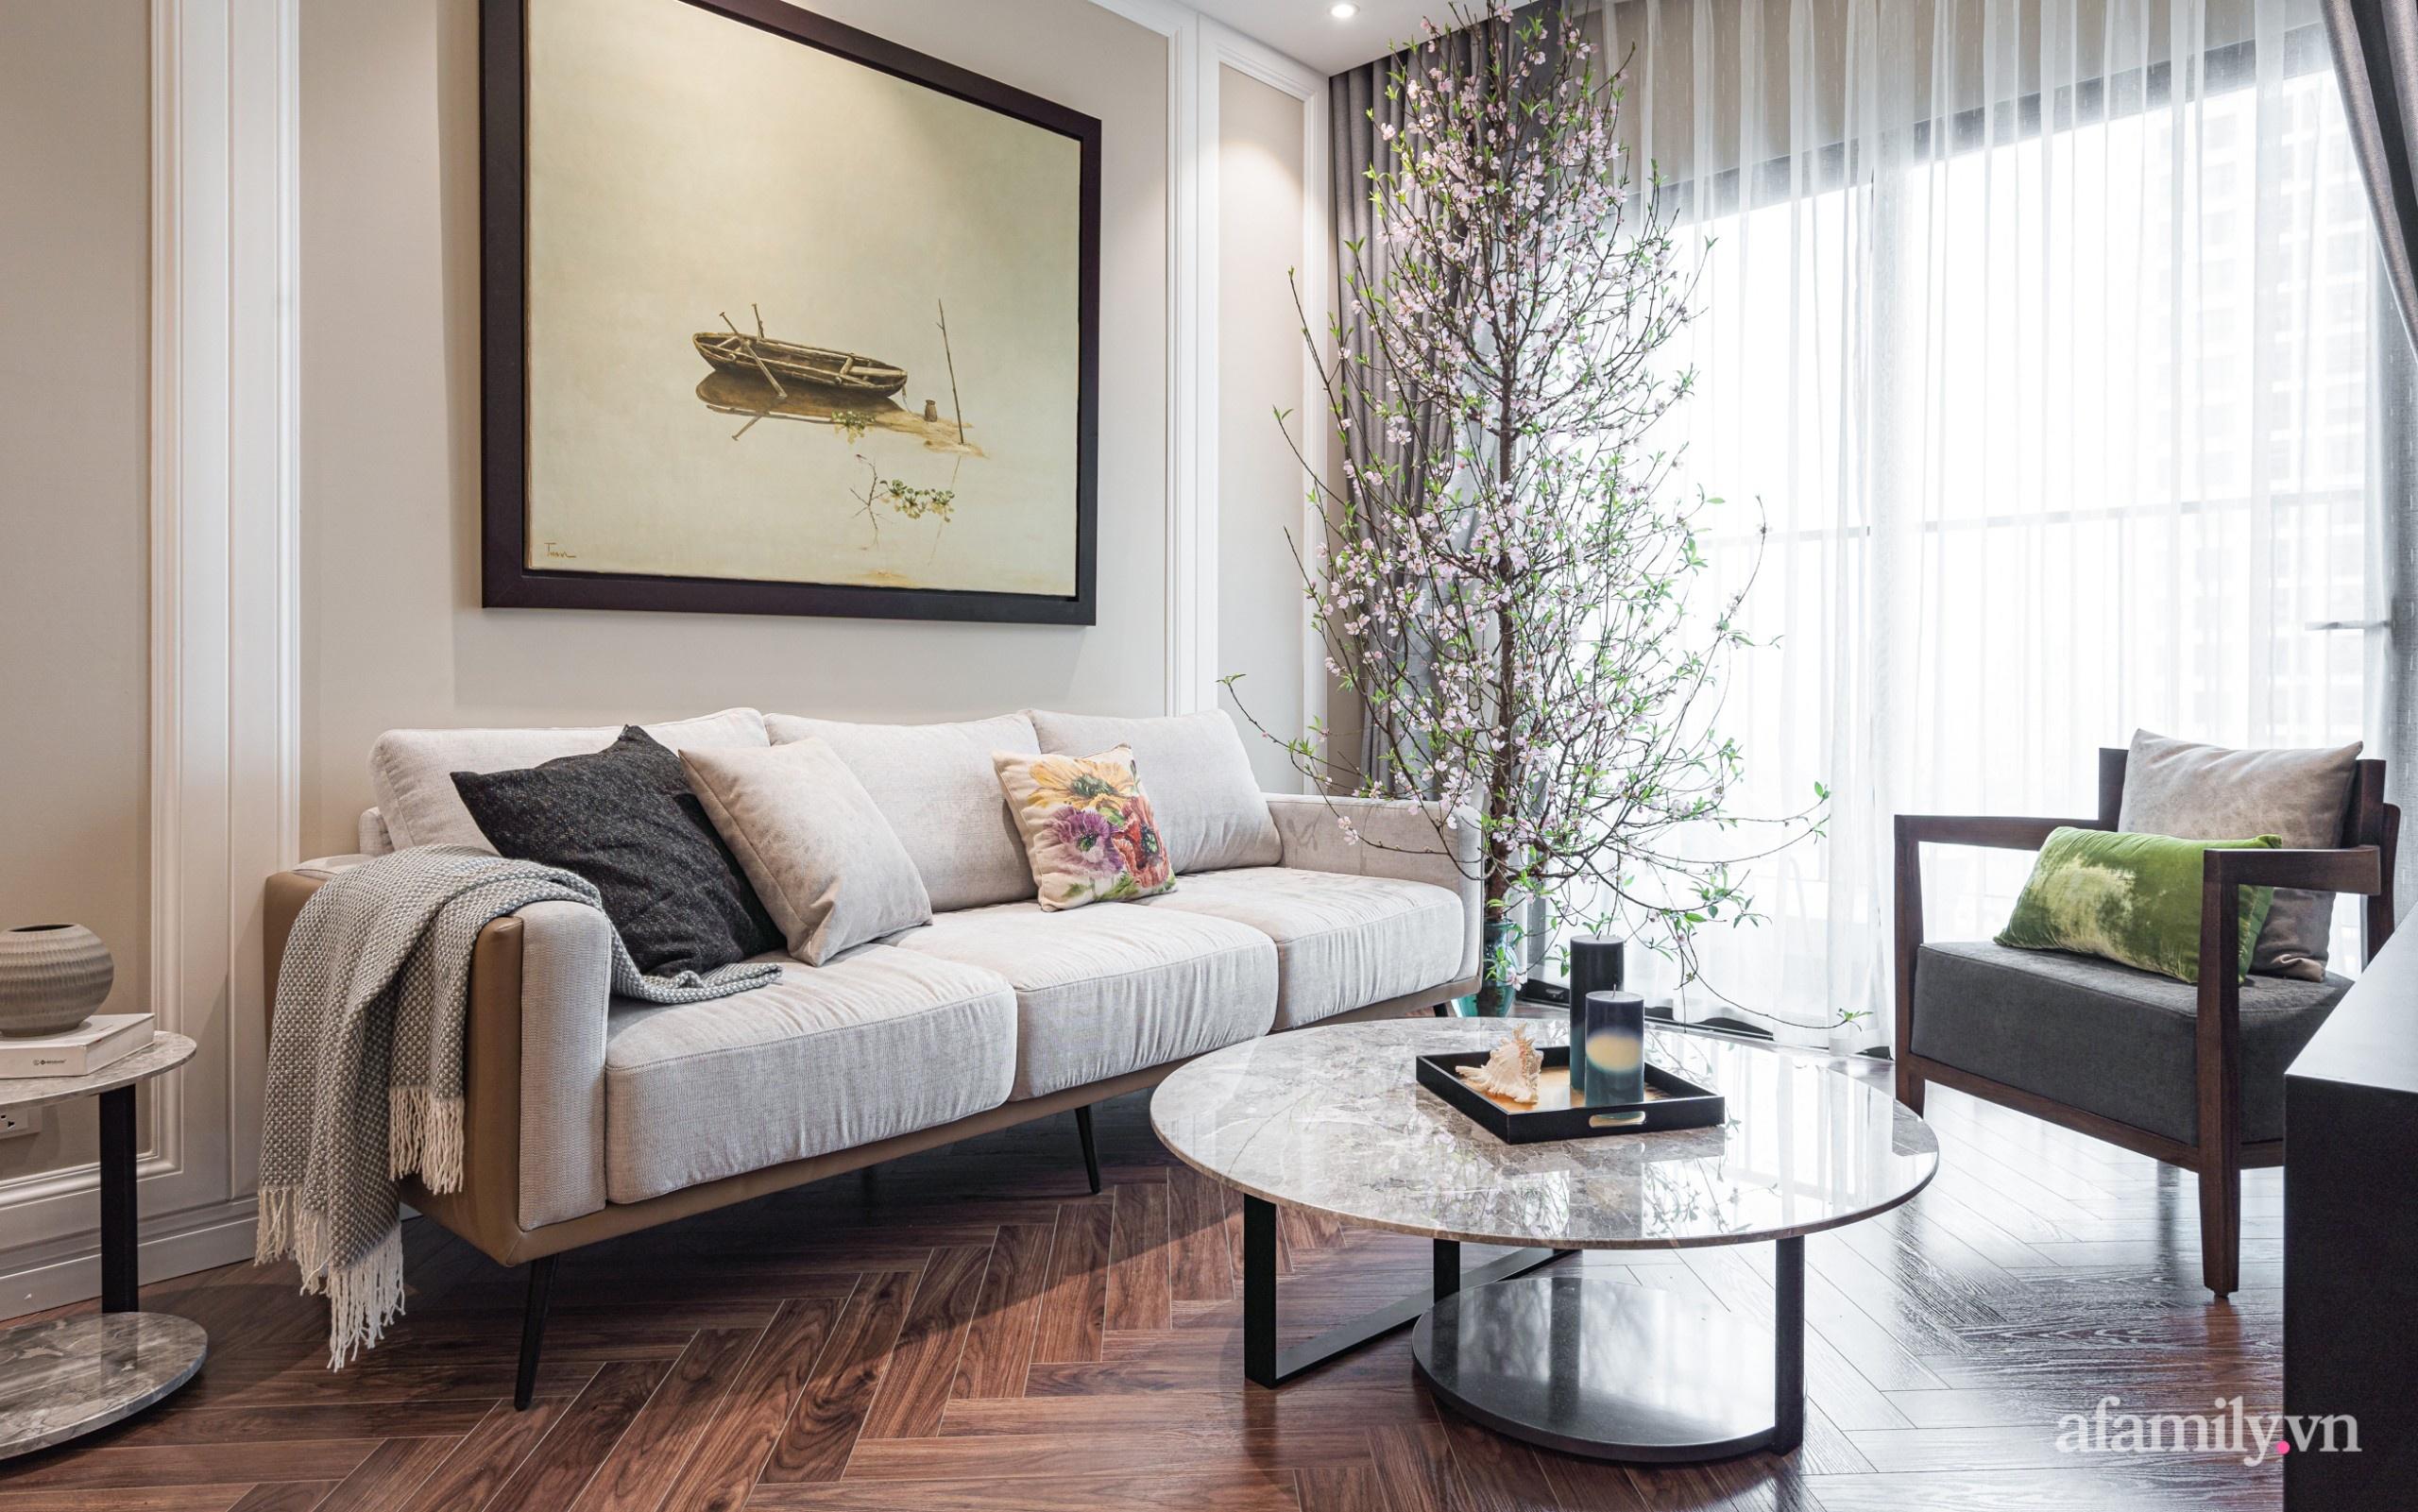 Căn hộ 110m² đẹp sang trọng và đẳng cấp đến từng chi tiết ở Nguyễn Trãi, Hà Nội - Ảnh 4.